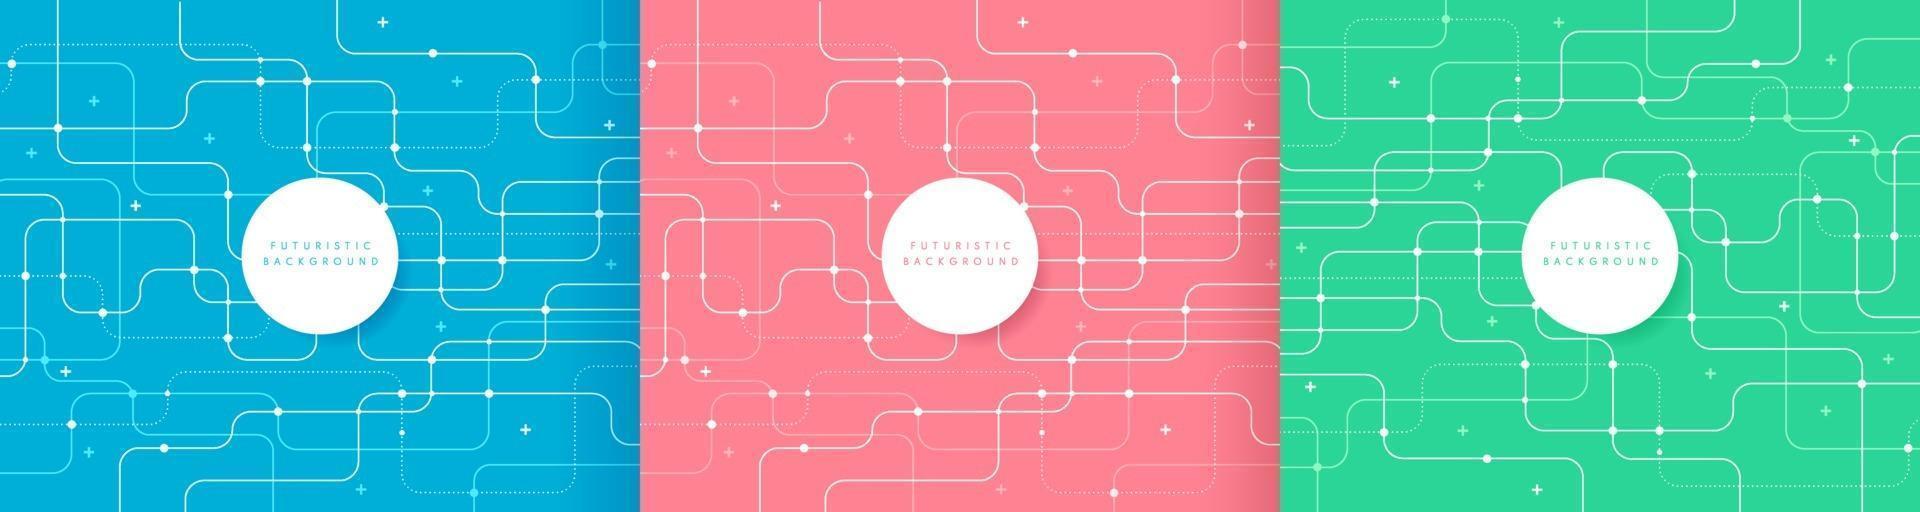 Satz abstrakte futuristische Technologie Hintergrund hellblau rosa und grün Farbe gekrümmte Linien, Punkte mit Kopierraum. einfache und minimale Pastell gestreifte Linienvorlage. flaches Design. Vektorillustration vektor